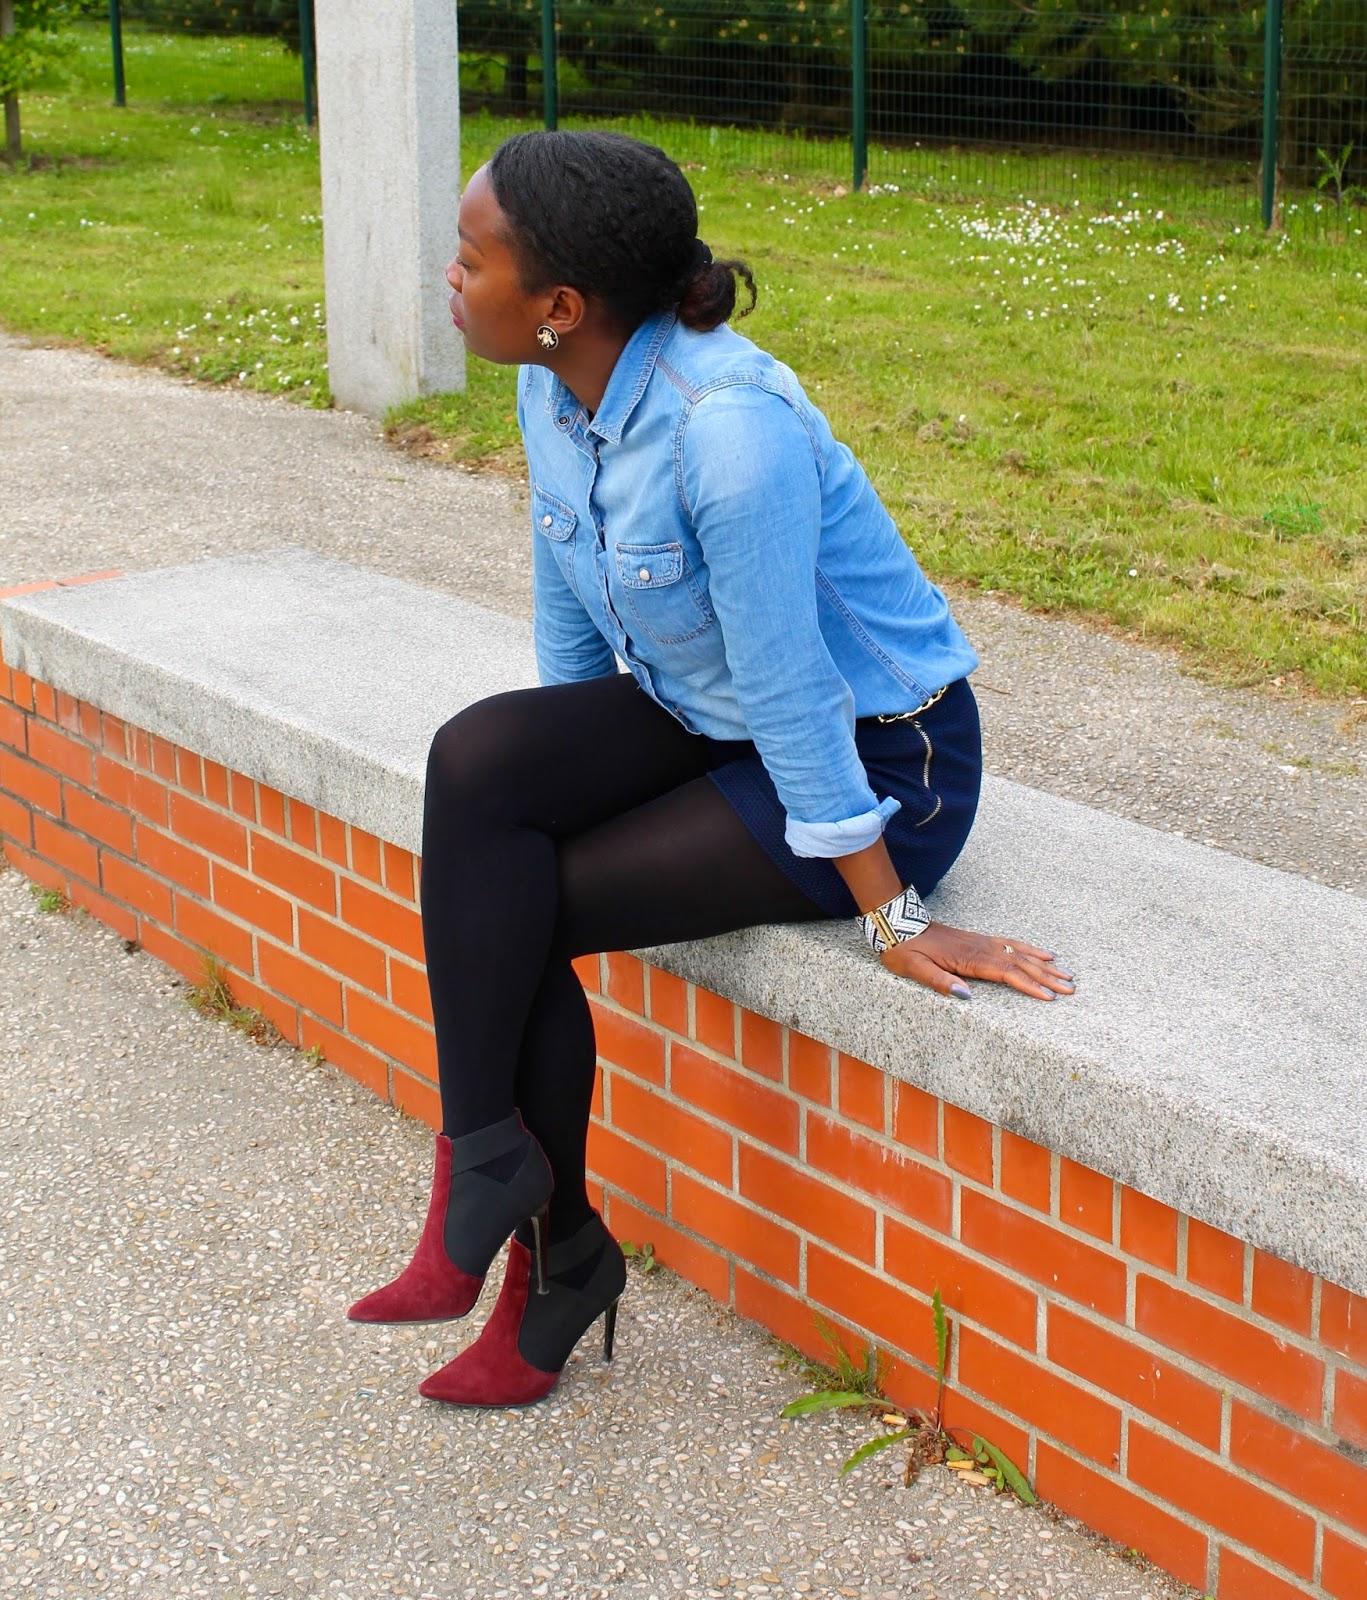 chemiseenjeans-blogmode-cheveuxcrépus-chaussuresrouges-fashionblogger-shortzara